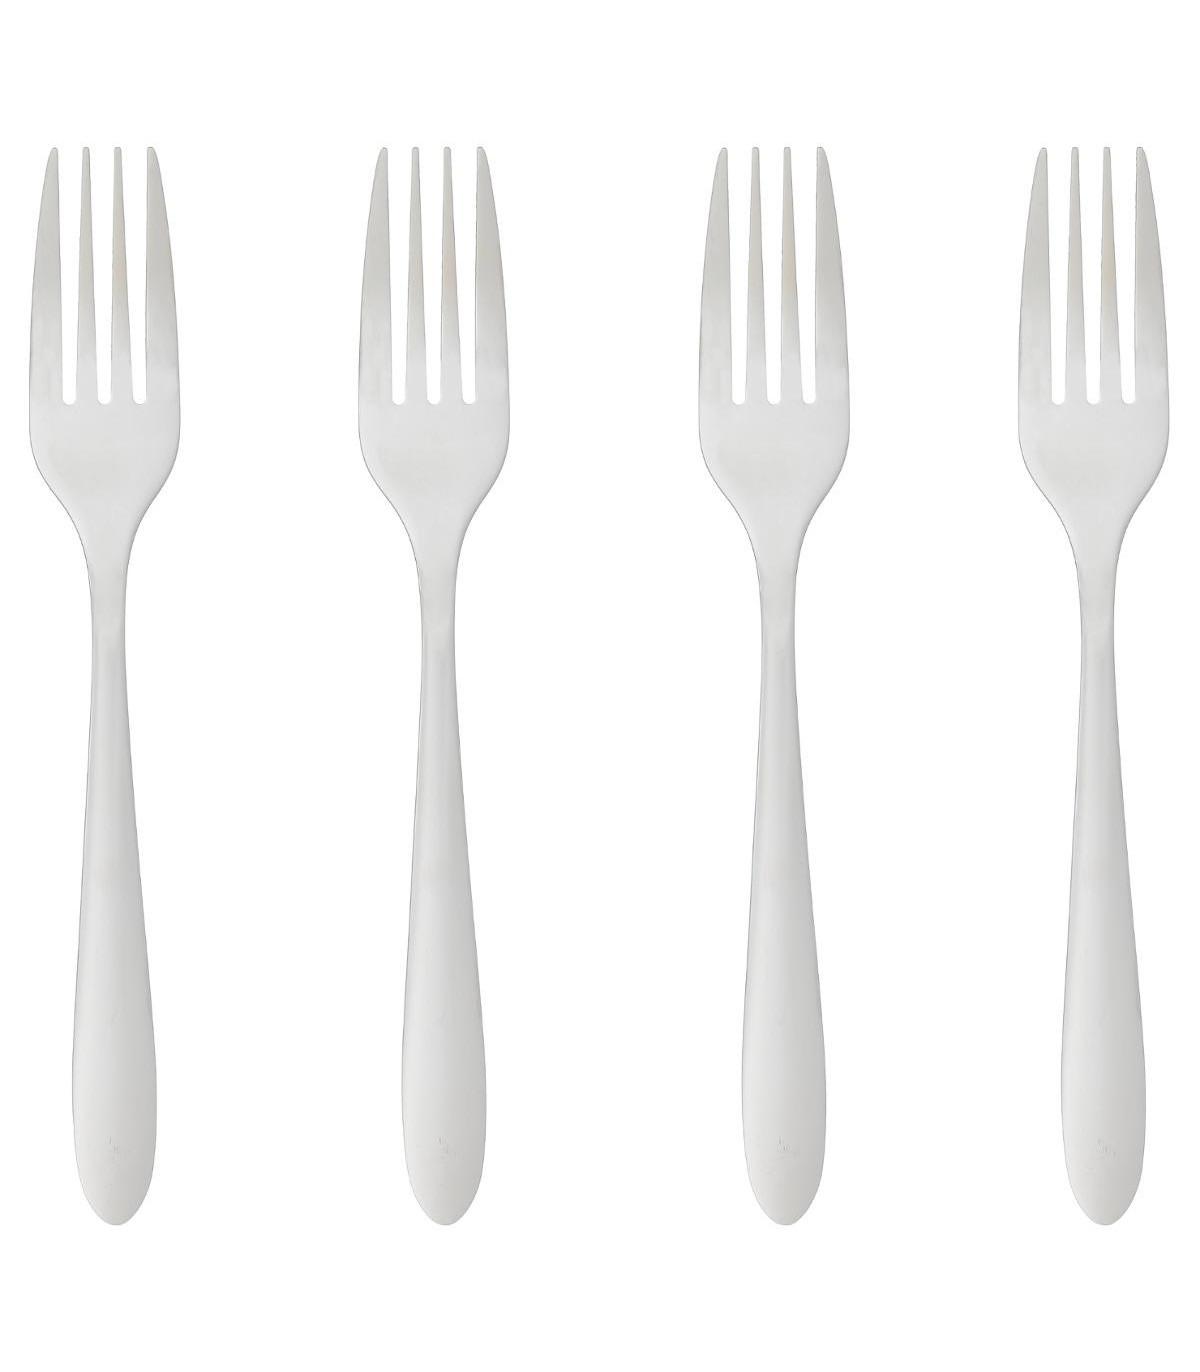 Lot de 4 fourchettes en inox NEVIS